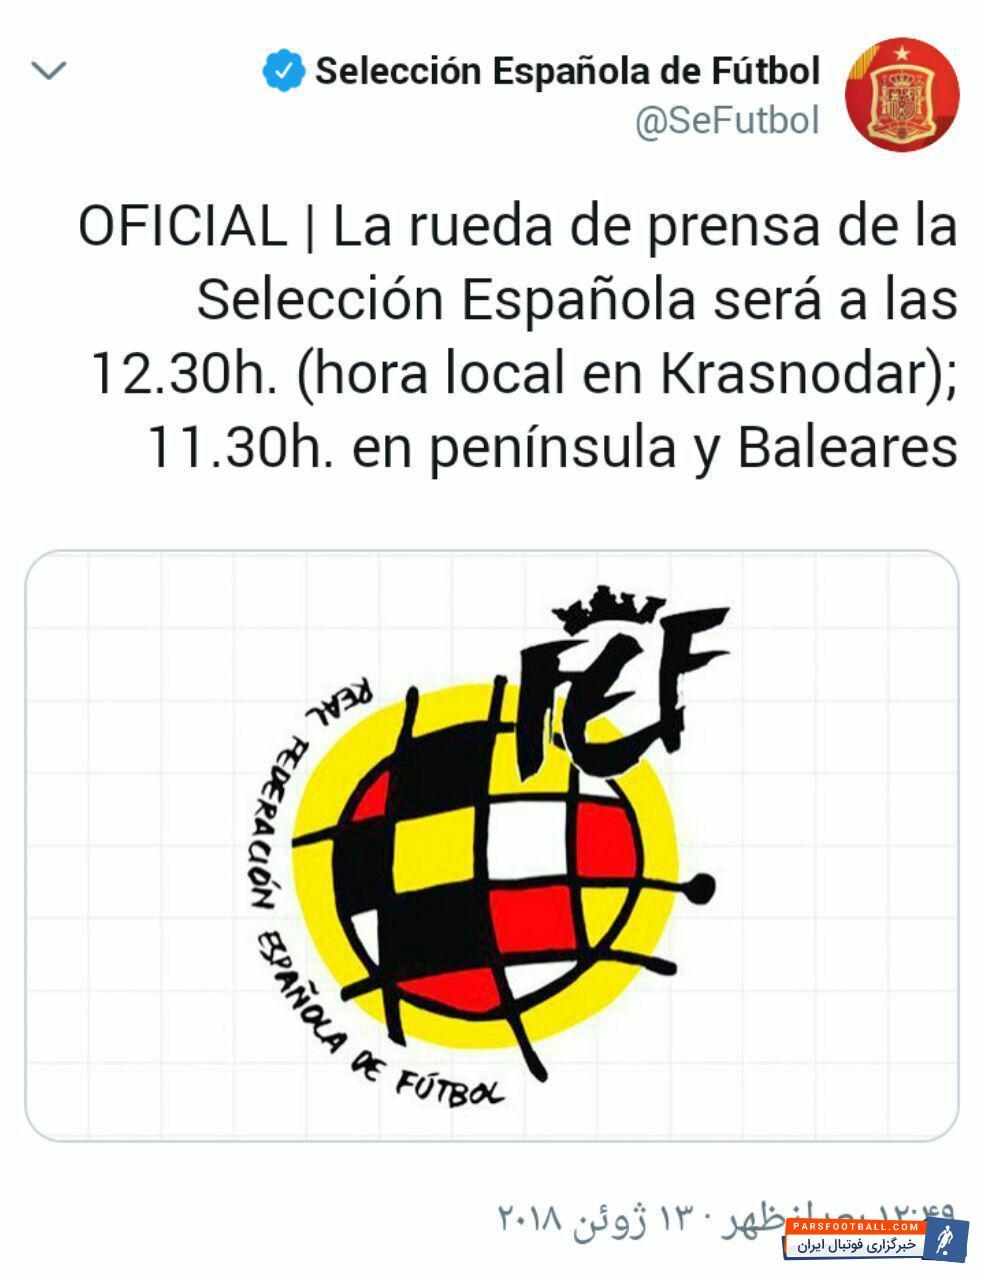 صفحه رسمی تیم ملی اسپانیا اعلام کرد کنفرانس خبری لوپتگی و رئیس فدراسیون فوتبال این کشور از ساعت ۱۲:۳۰ دقیقه به وقت محلی(کراسنودار روسیه) برگزار خواهد شد.